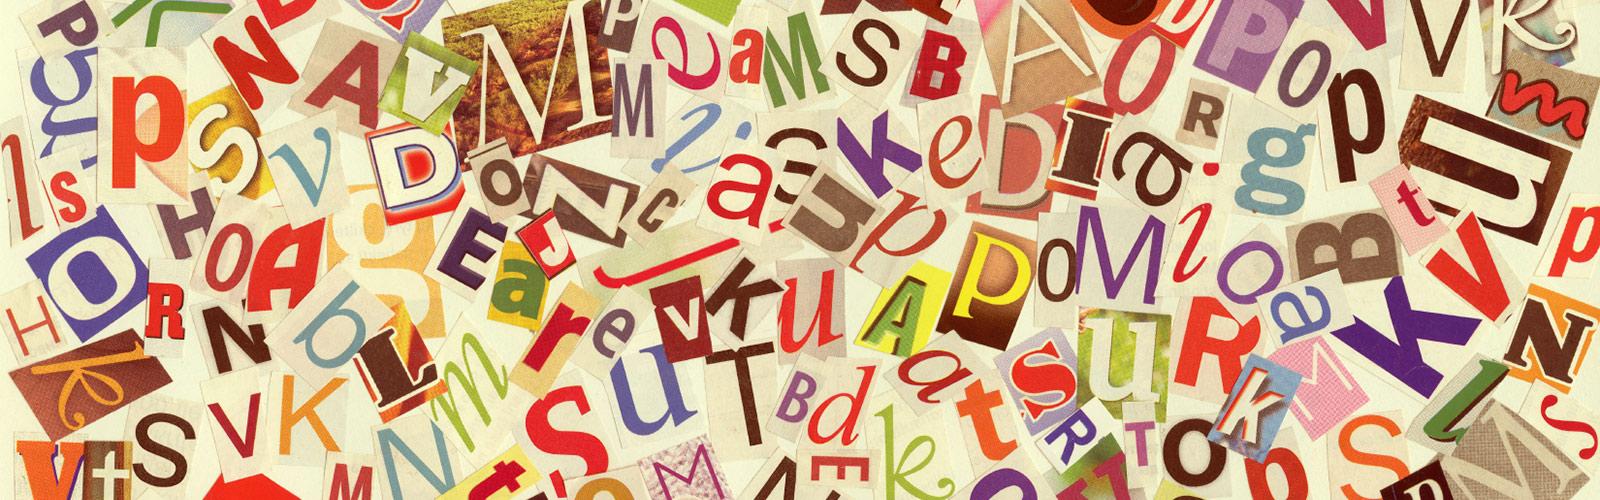 Tipps fürs Schreiben von herausragenden Songtexten